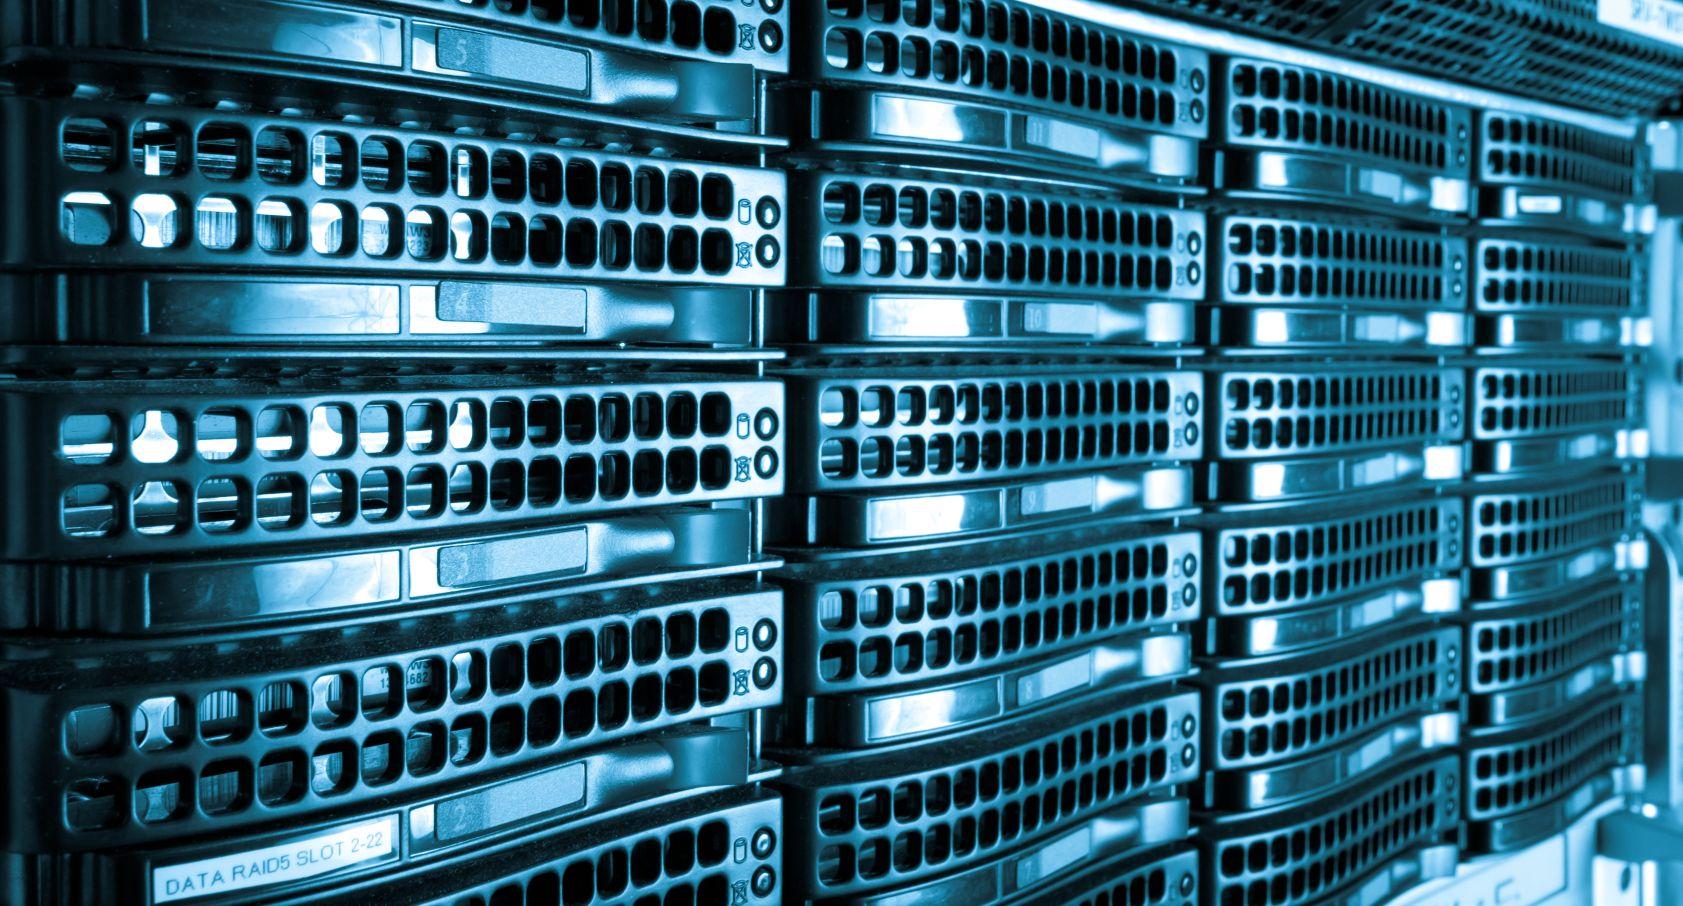 Storage - Data